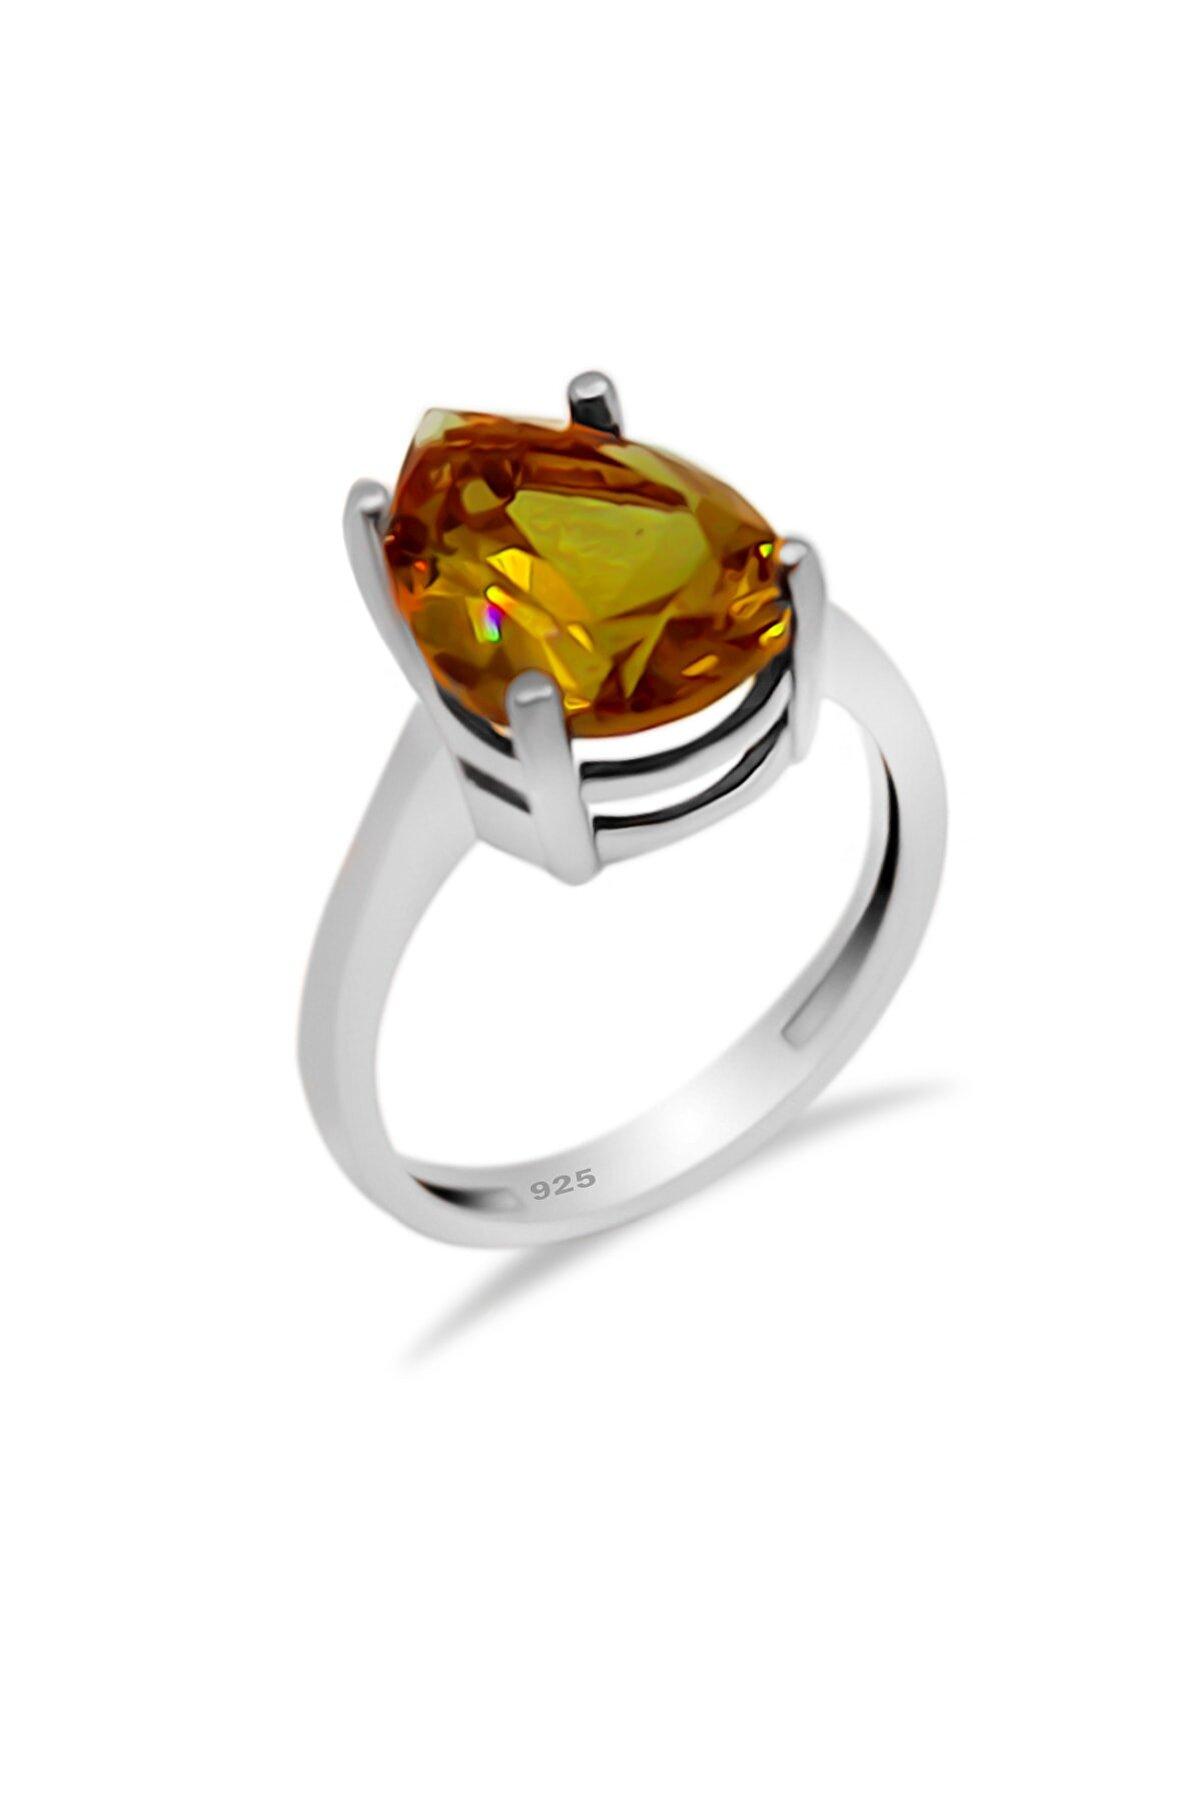 Aykat Damla Modeli Renk Değiştiren Zultanit Taşlı Yüzük Gümüş Kadın Yüzüğü Yzk-262